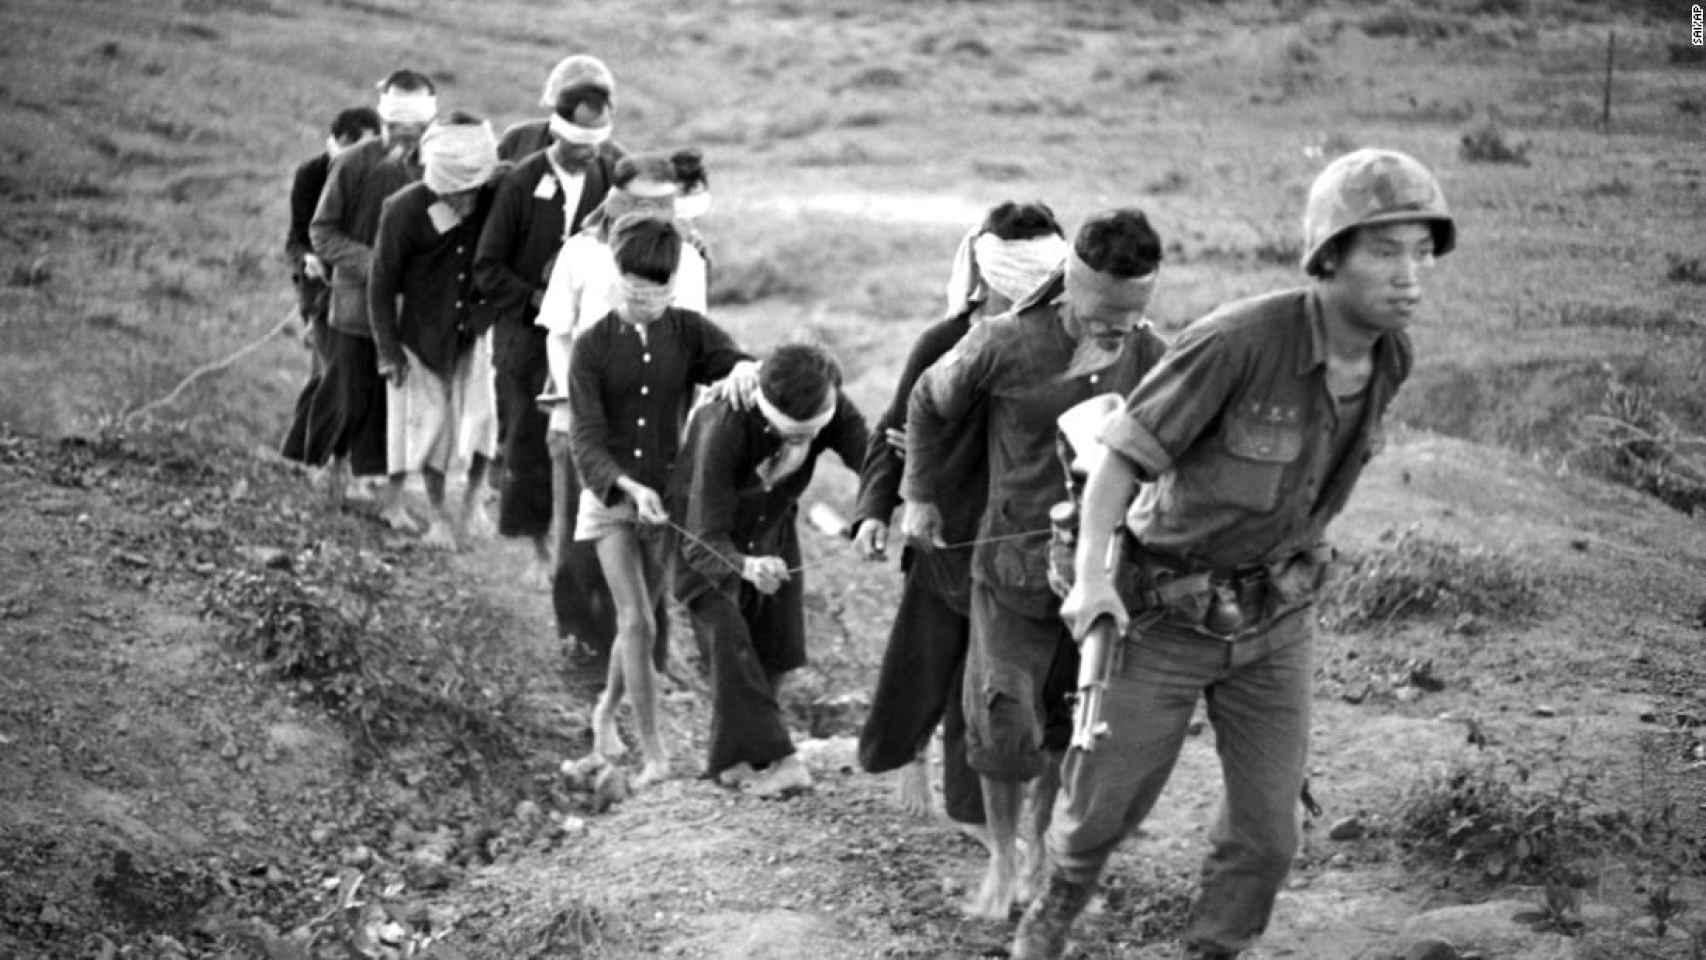 Civiles Enterrados Vivos Y Otras Atrocidades Ocultas De La Guerra De Vietnam Más Allá De Los Yanquis